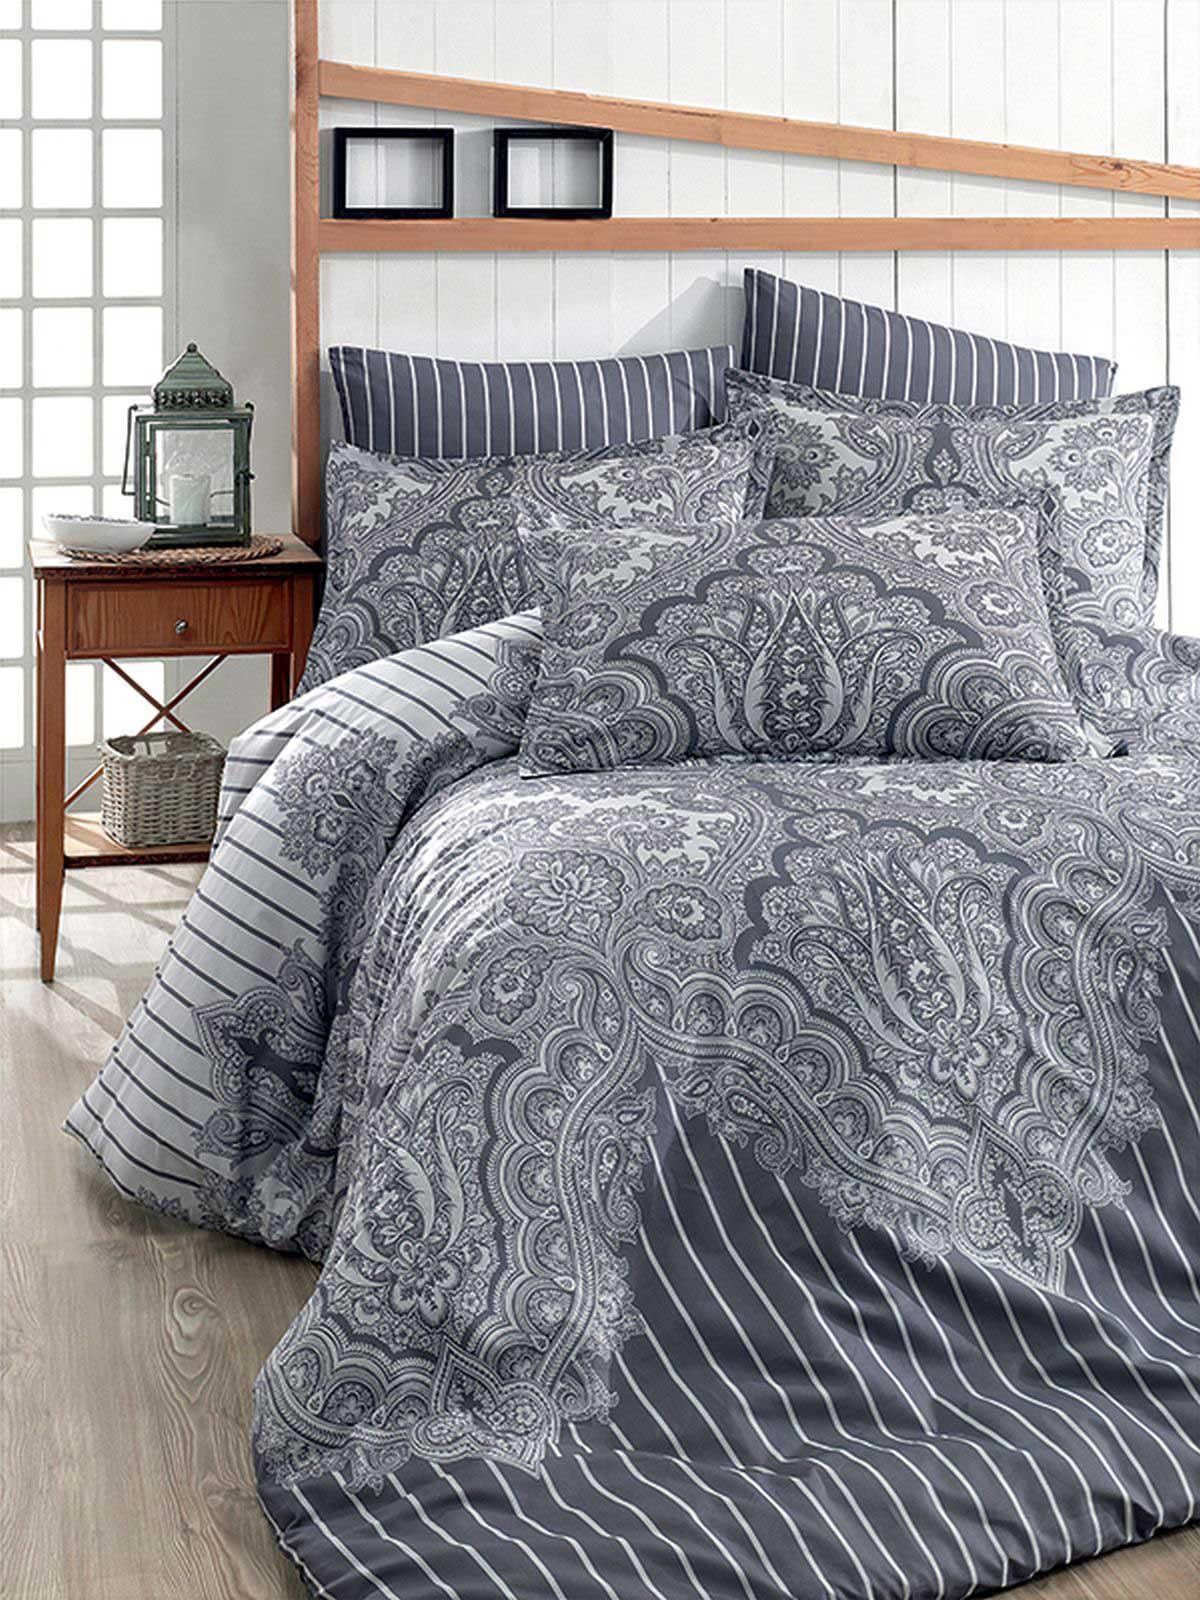 Bettwäsche Bettgarnitur Bettbezug 100 Baumwolle Kissen Decke Lale